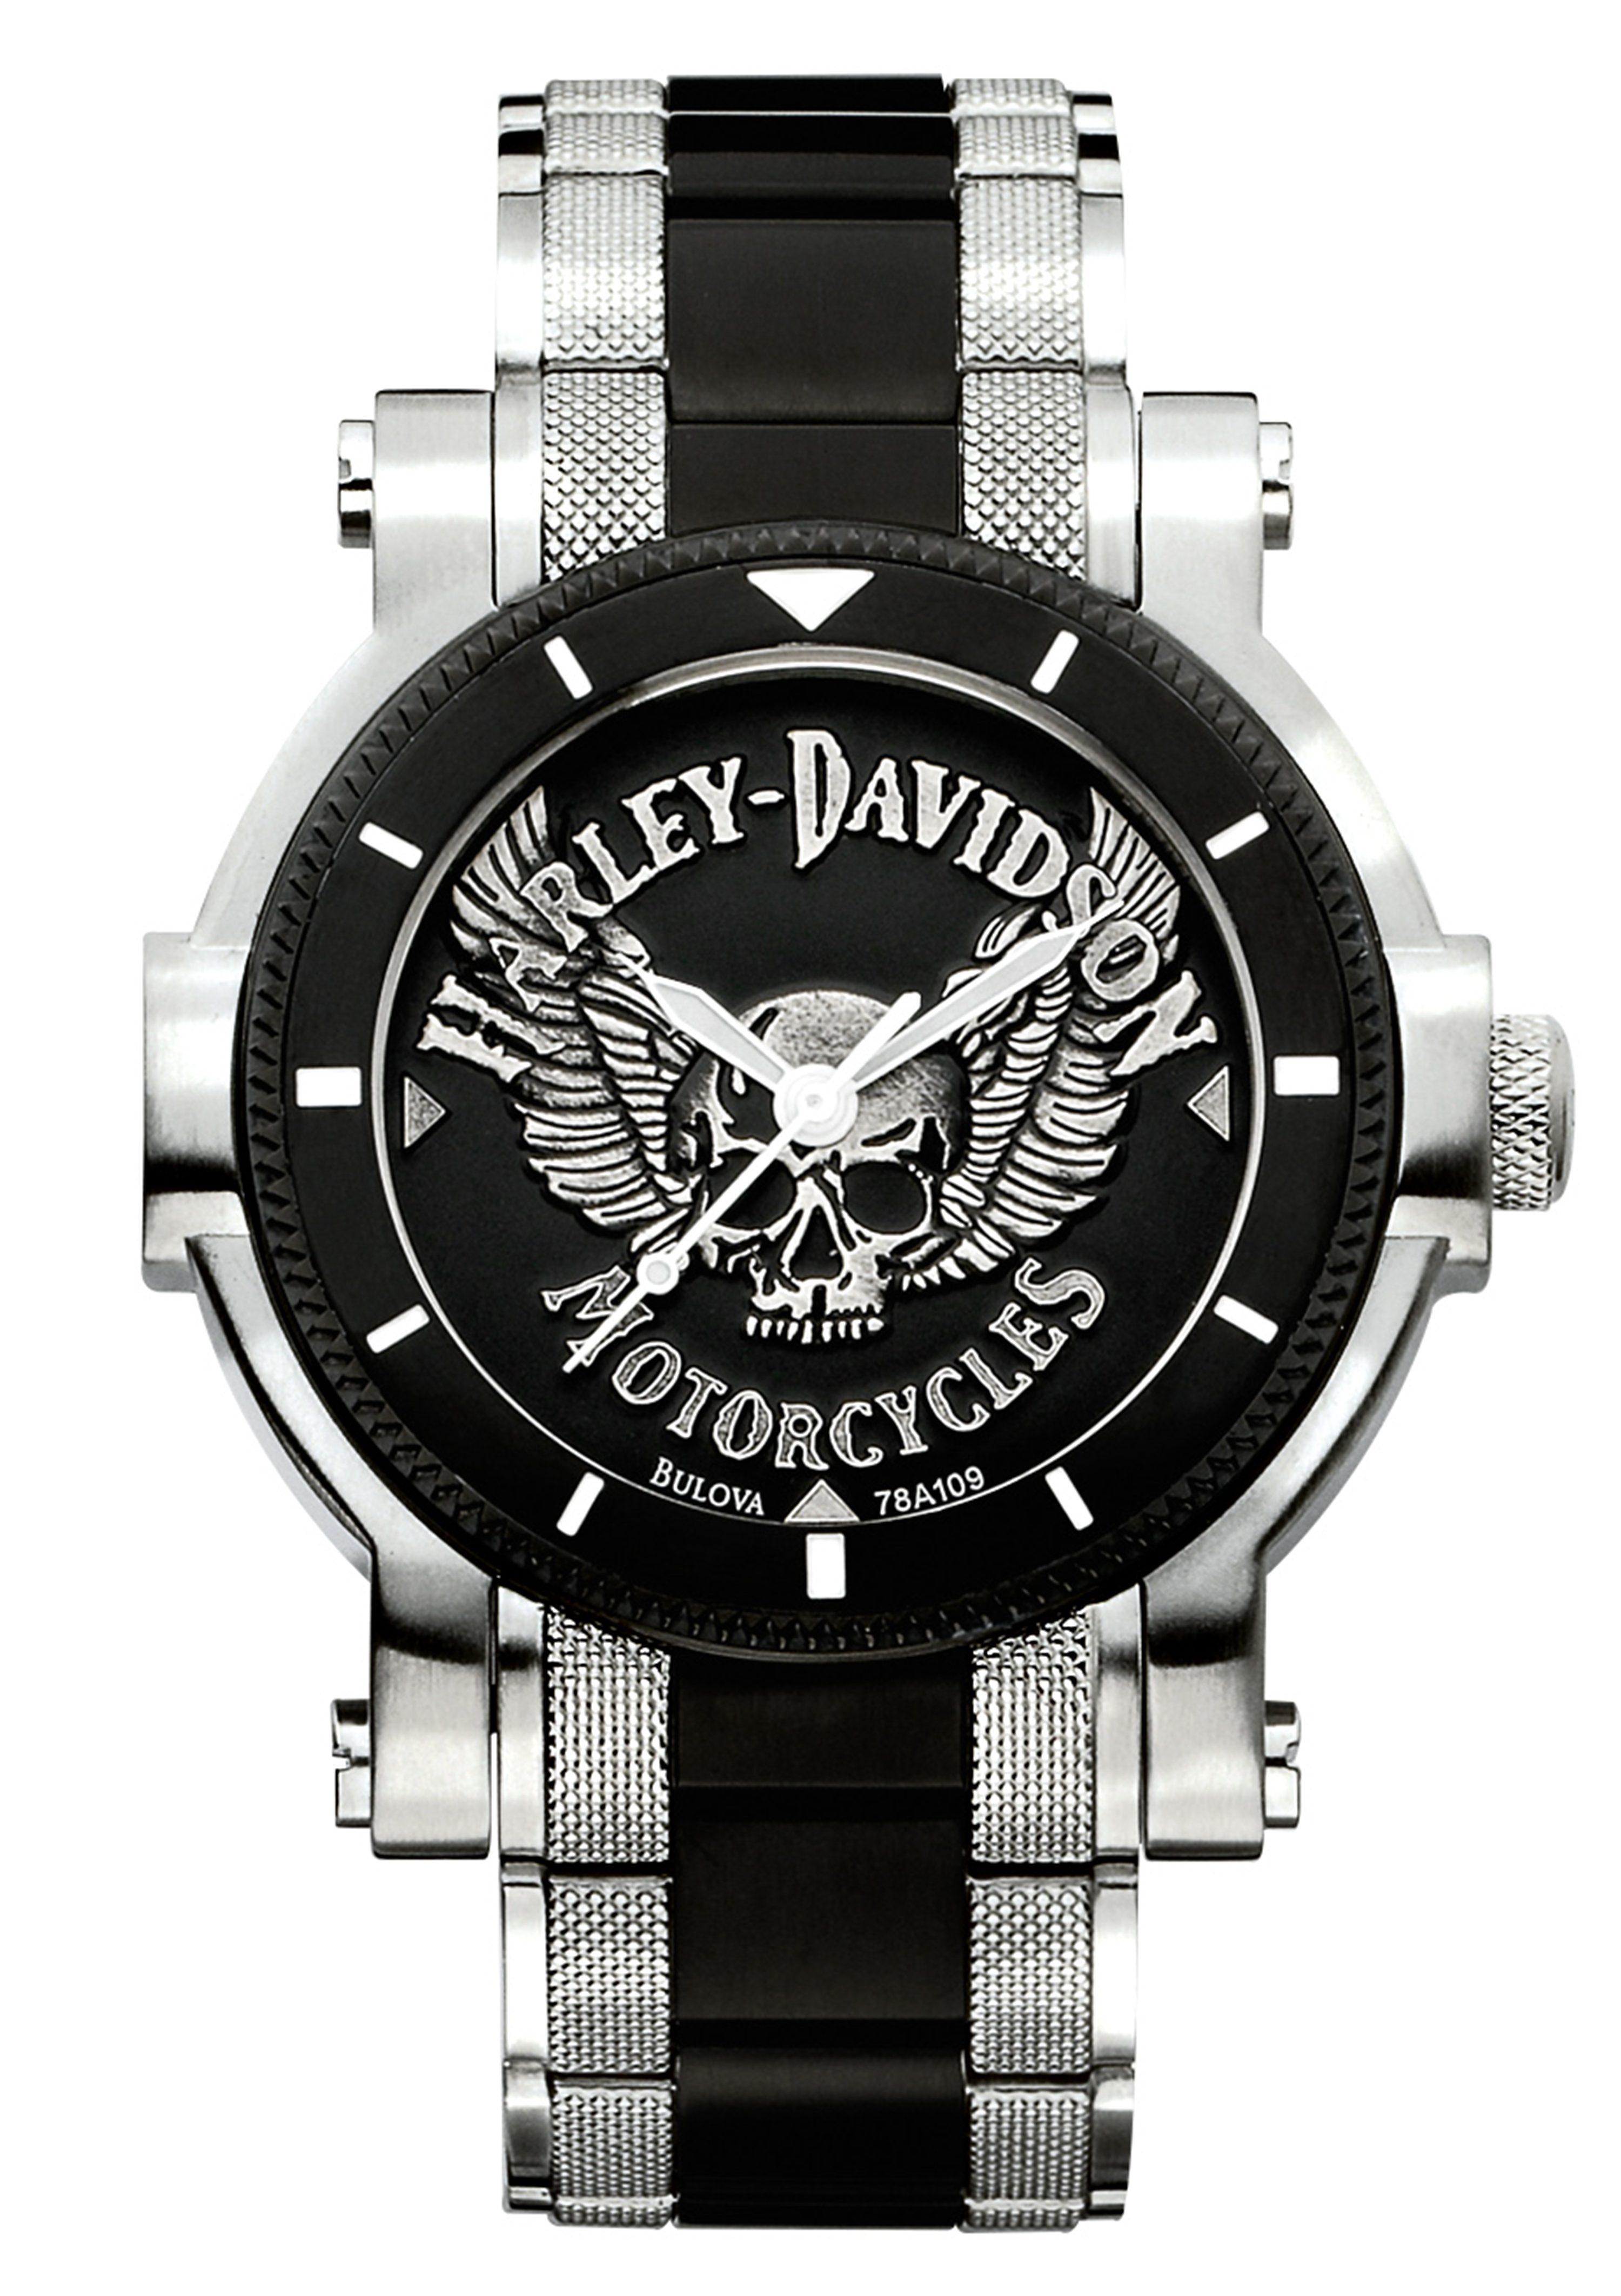 Harley Davidson Quarzuhr »Signature, 78A109«